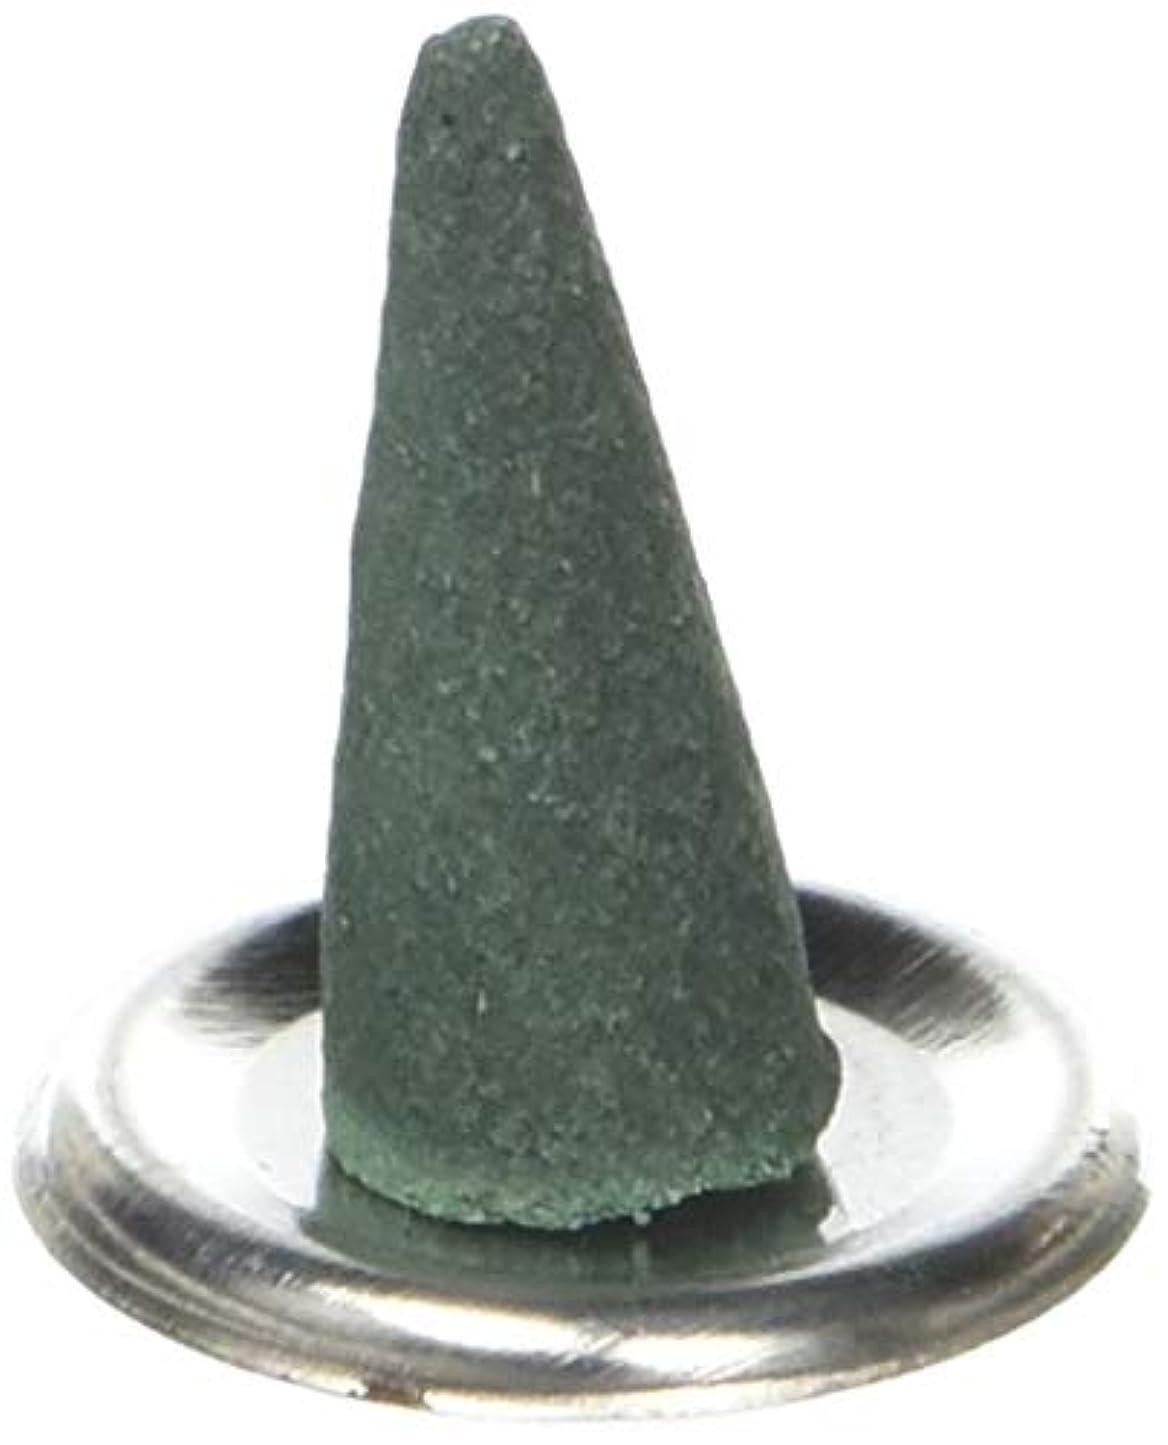 化石ジャーナリスト突然アロマセラピーHosley Highly Fragranced Spiritual Incense Cones 180パック、Infused with Essential Oils。結婚の理想は、特別なイベント、アロマセラピー...